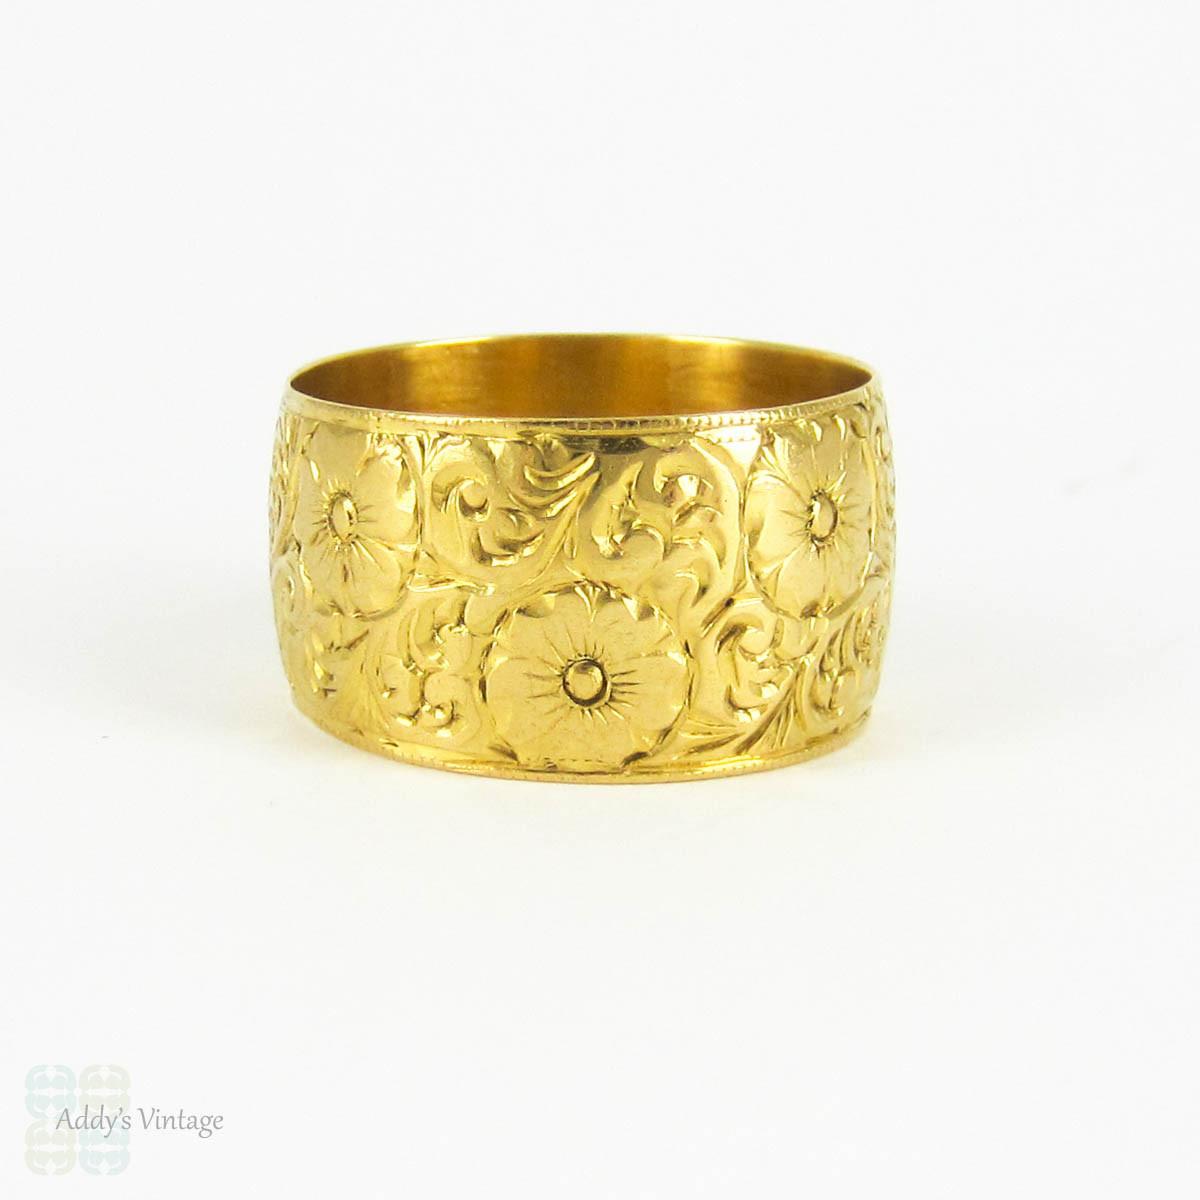 wide 22 carat gold engraved floral wedding ring vintage heavy flower pattern wedding band. Black Bedroom Furniture Sets. Home Design Ideas